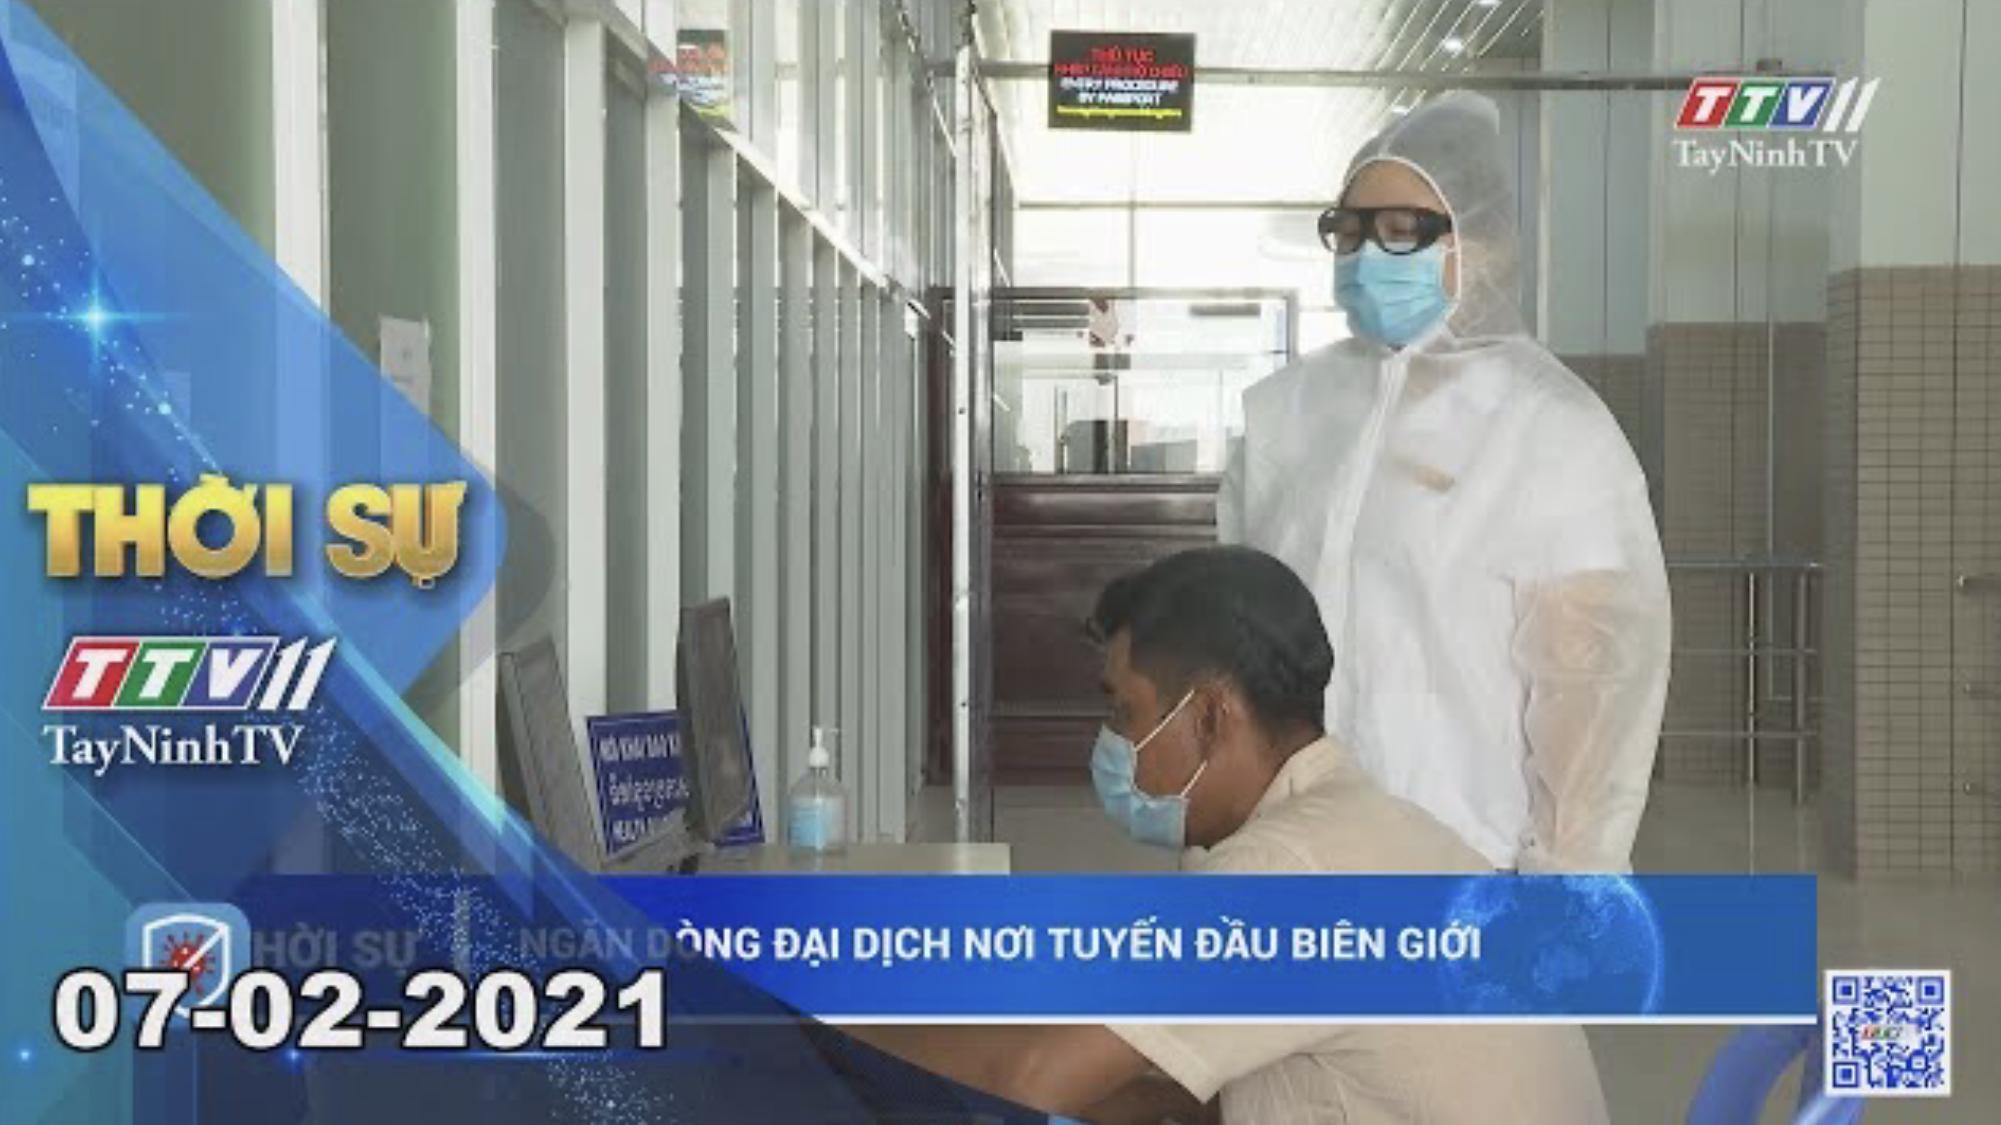 Thời sự Tây Ninh 07-02-2021 | Tin tức hôm nay | TayNinhTV